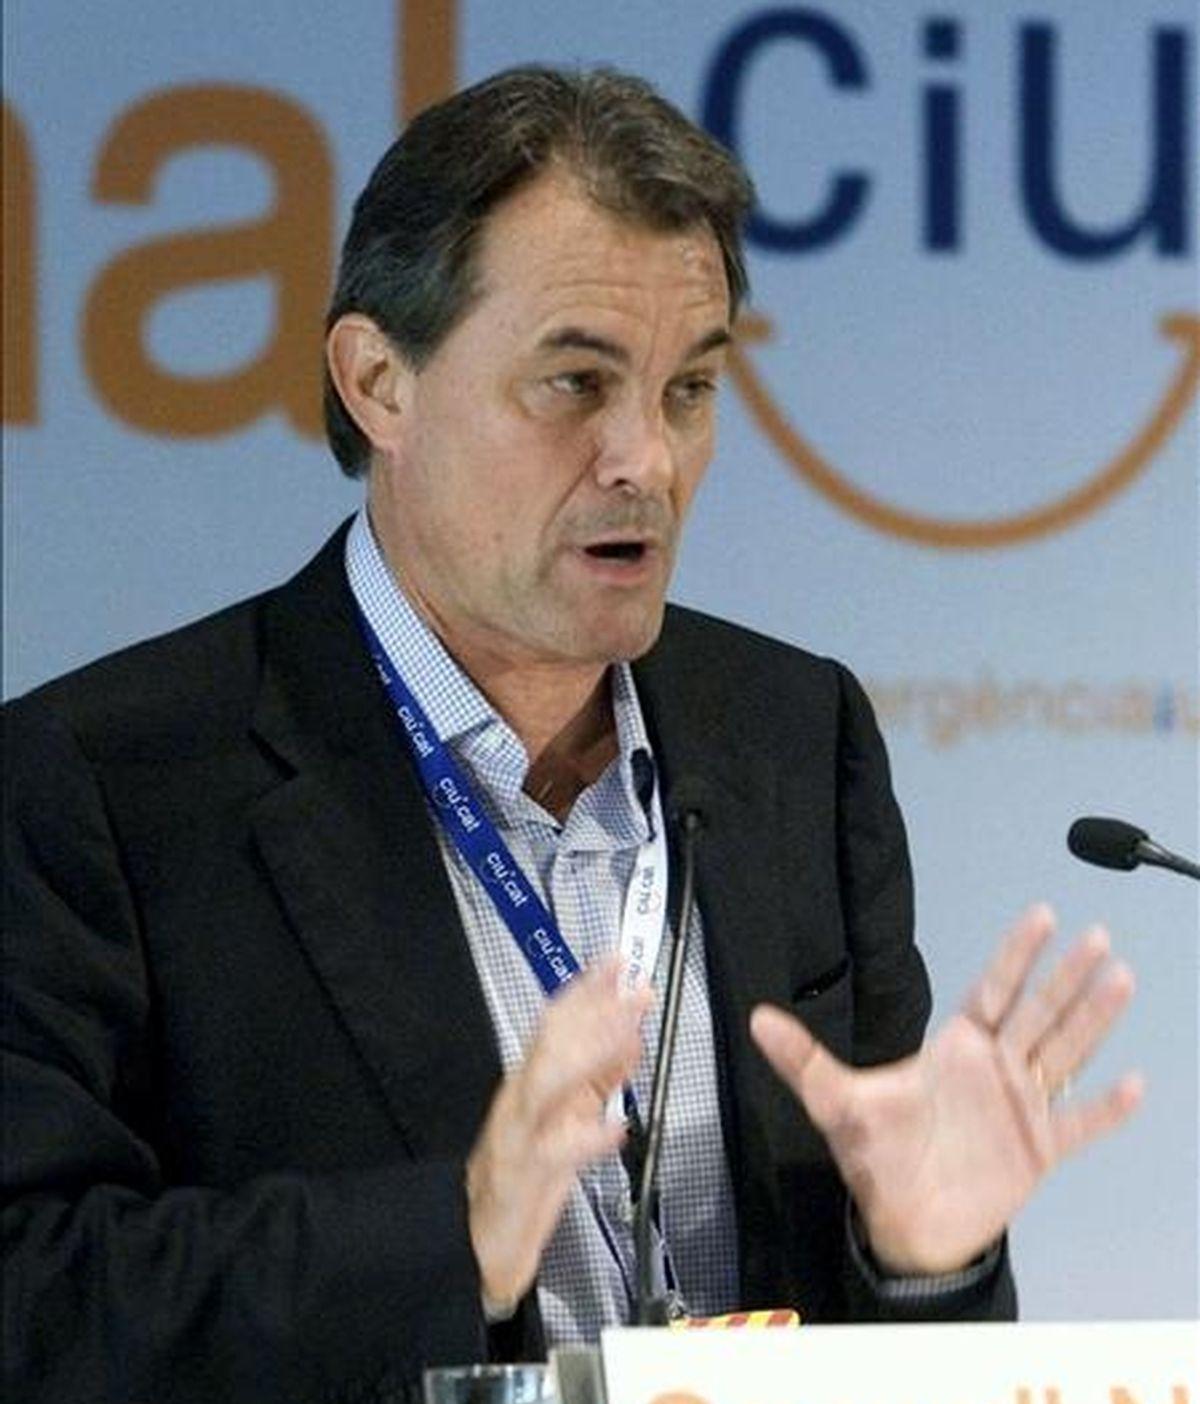 El presidente de Convergència i Unió, Artur Mas, en un momento de su intervención durante la reunión conjunta de los consejos nacionales de CDC y de UDC. EFE/Archivo